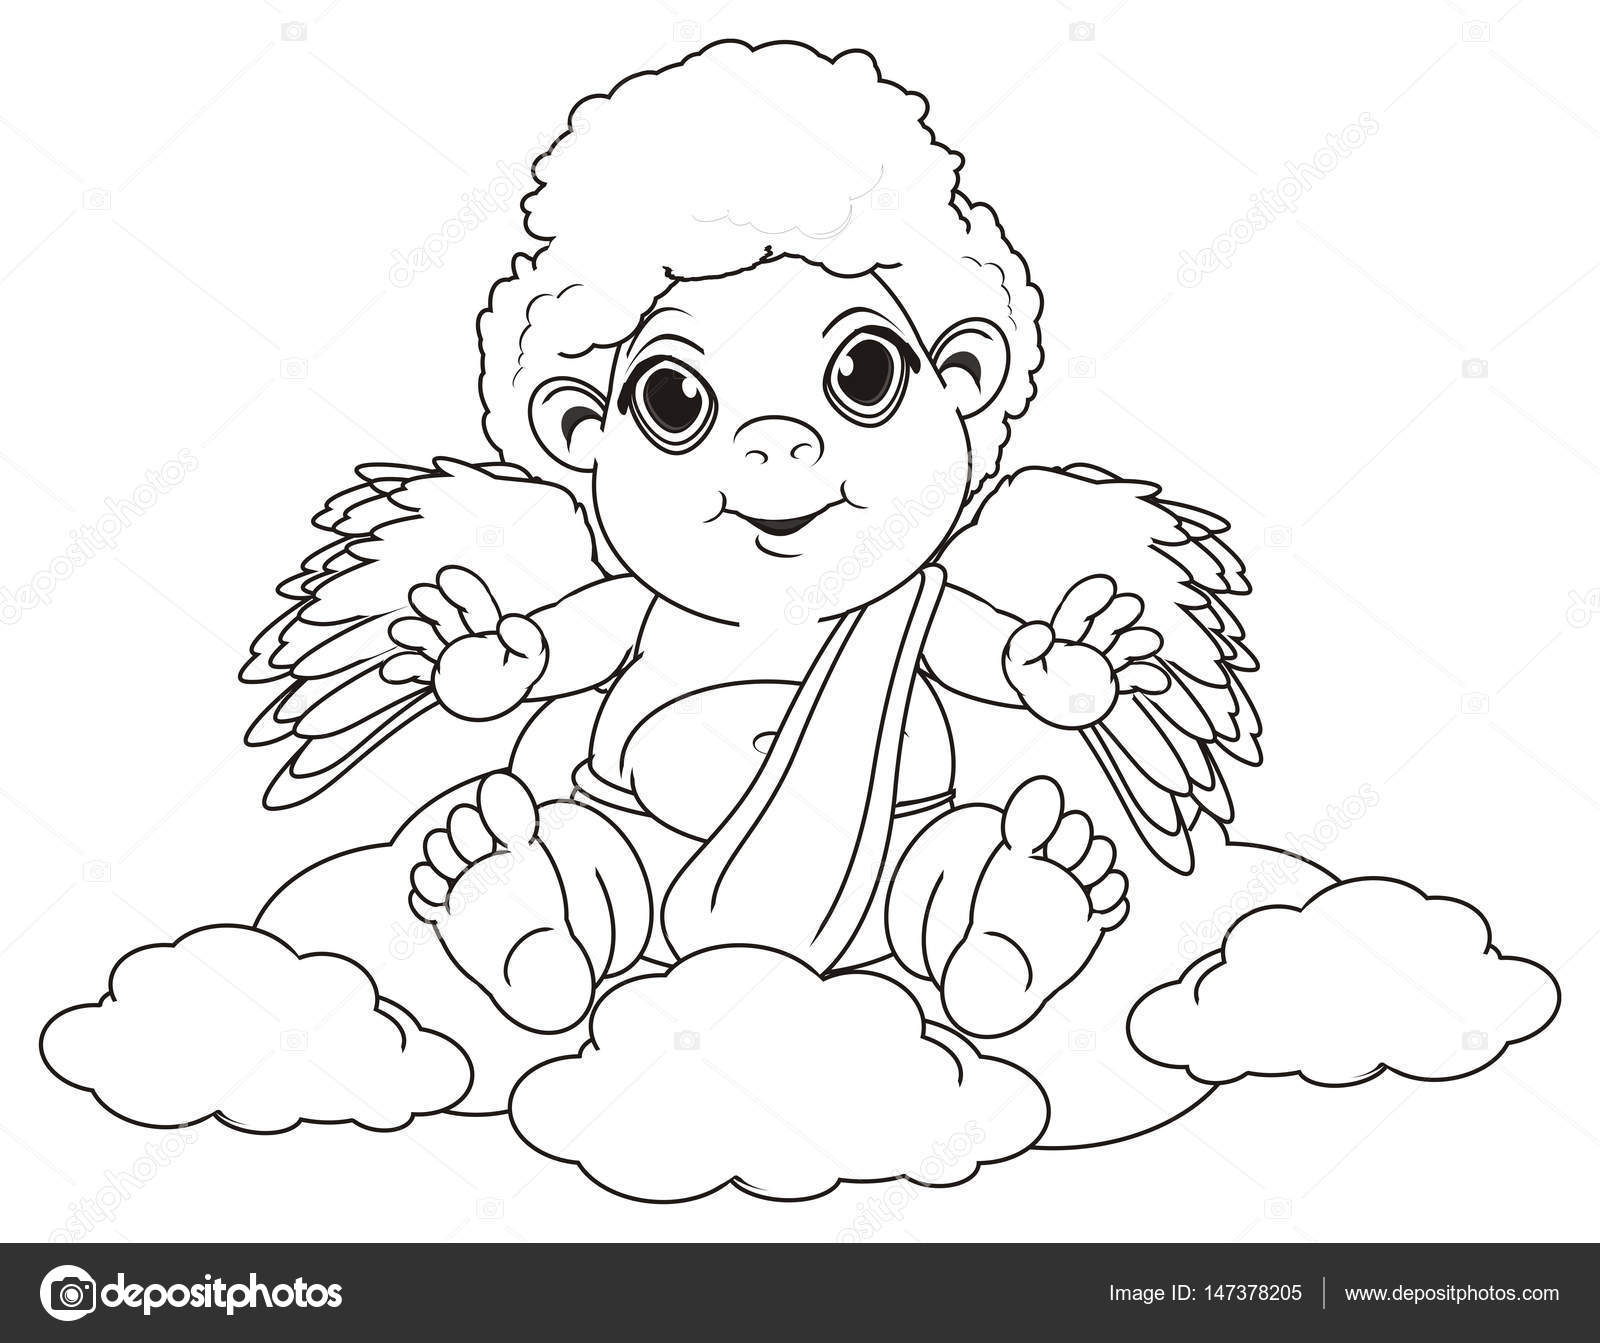 Malvorlagen Engel Sitzen Stockfoto Tatty77tatty 147378205